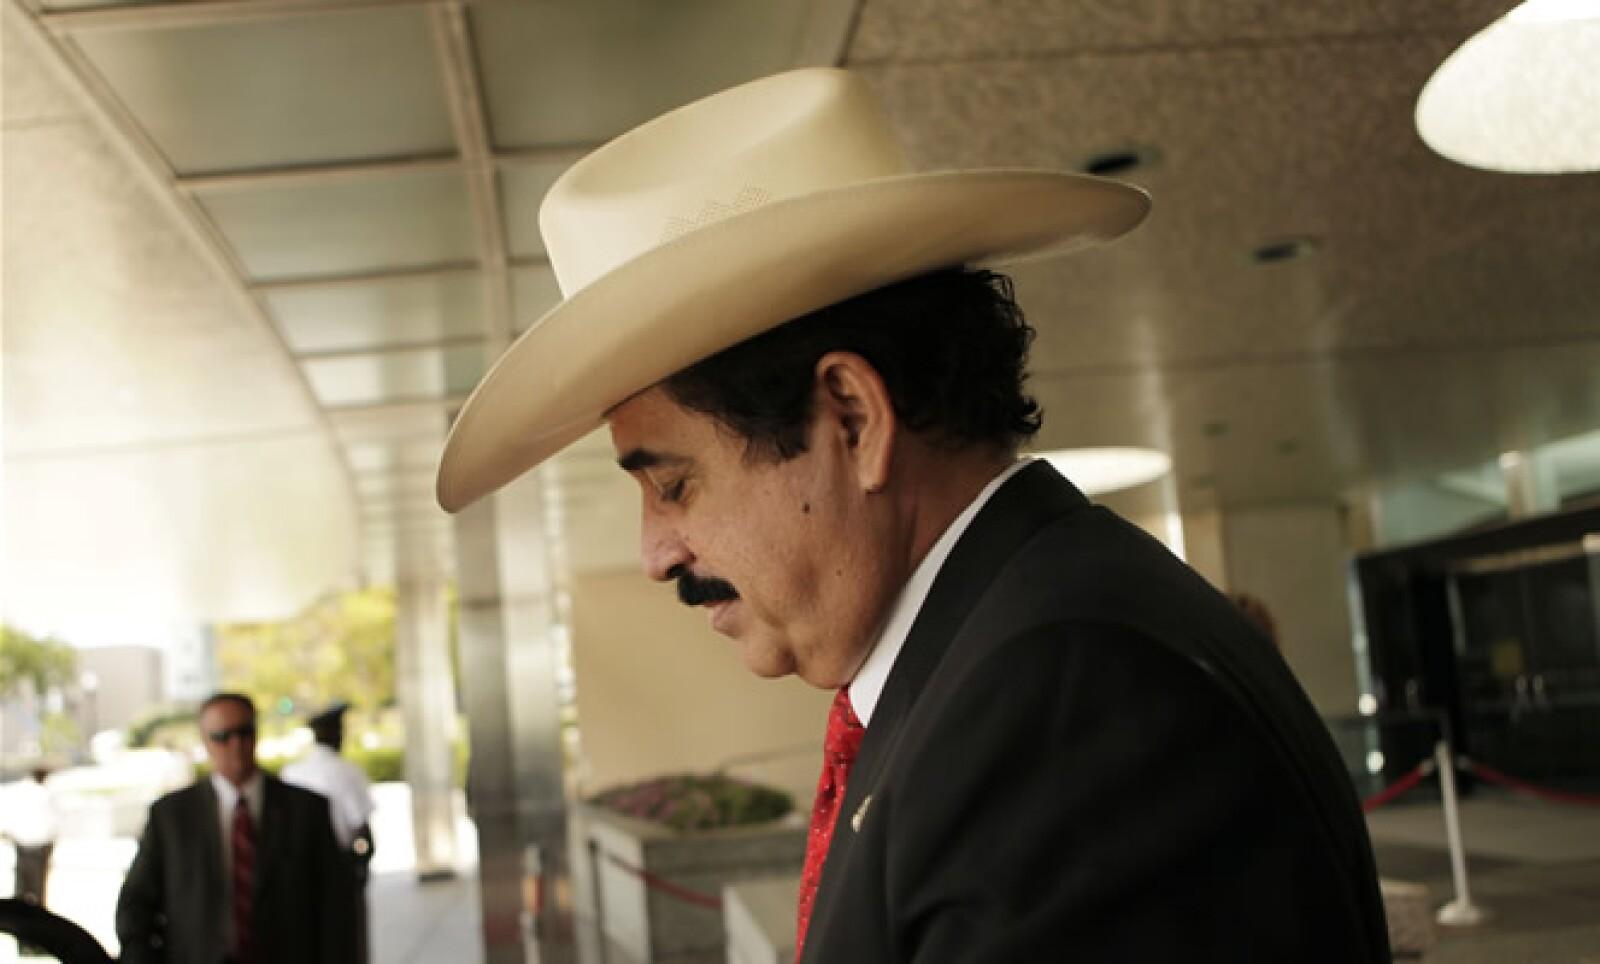 La secretaria de Estado Hillary Rodham Clinton se reunió con Manuel Zelaya el jueves. Mientras, el gobierno estadounidense anunció la suspensión de ayuda no humanitaria a Honduras y la revocación de visas a funcionarios hondureños partidarios de Michelett